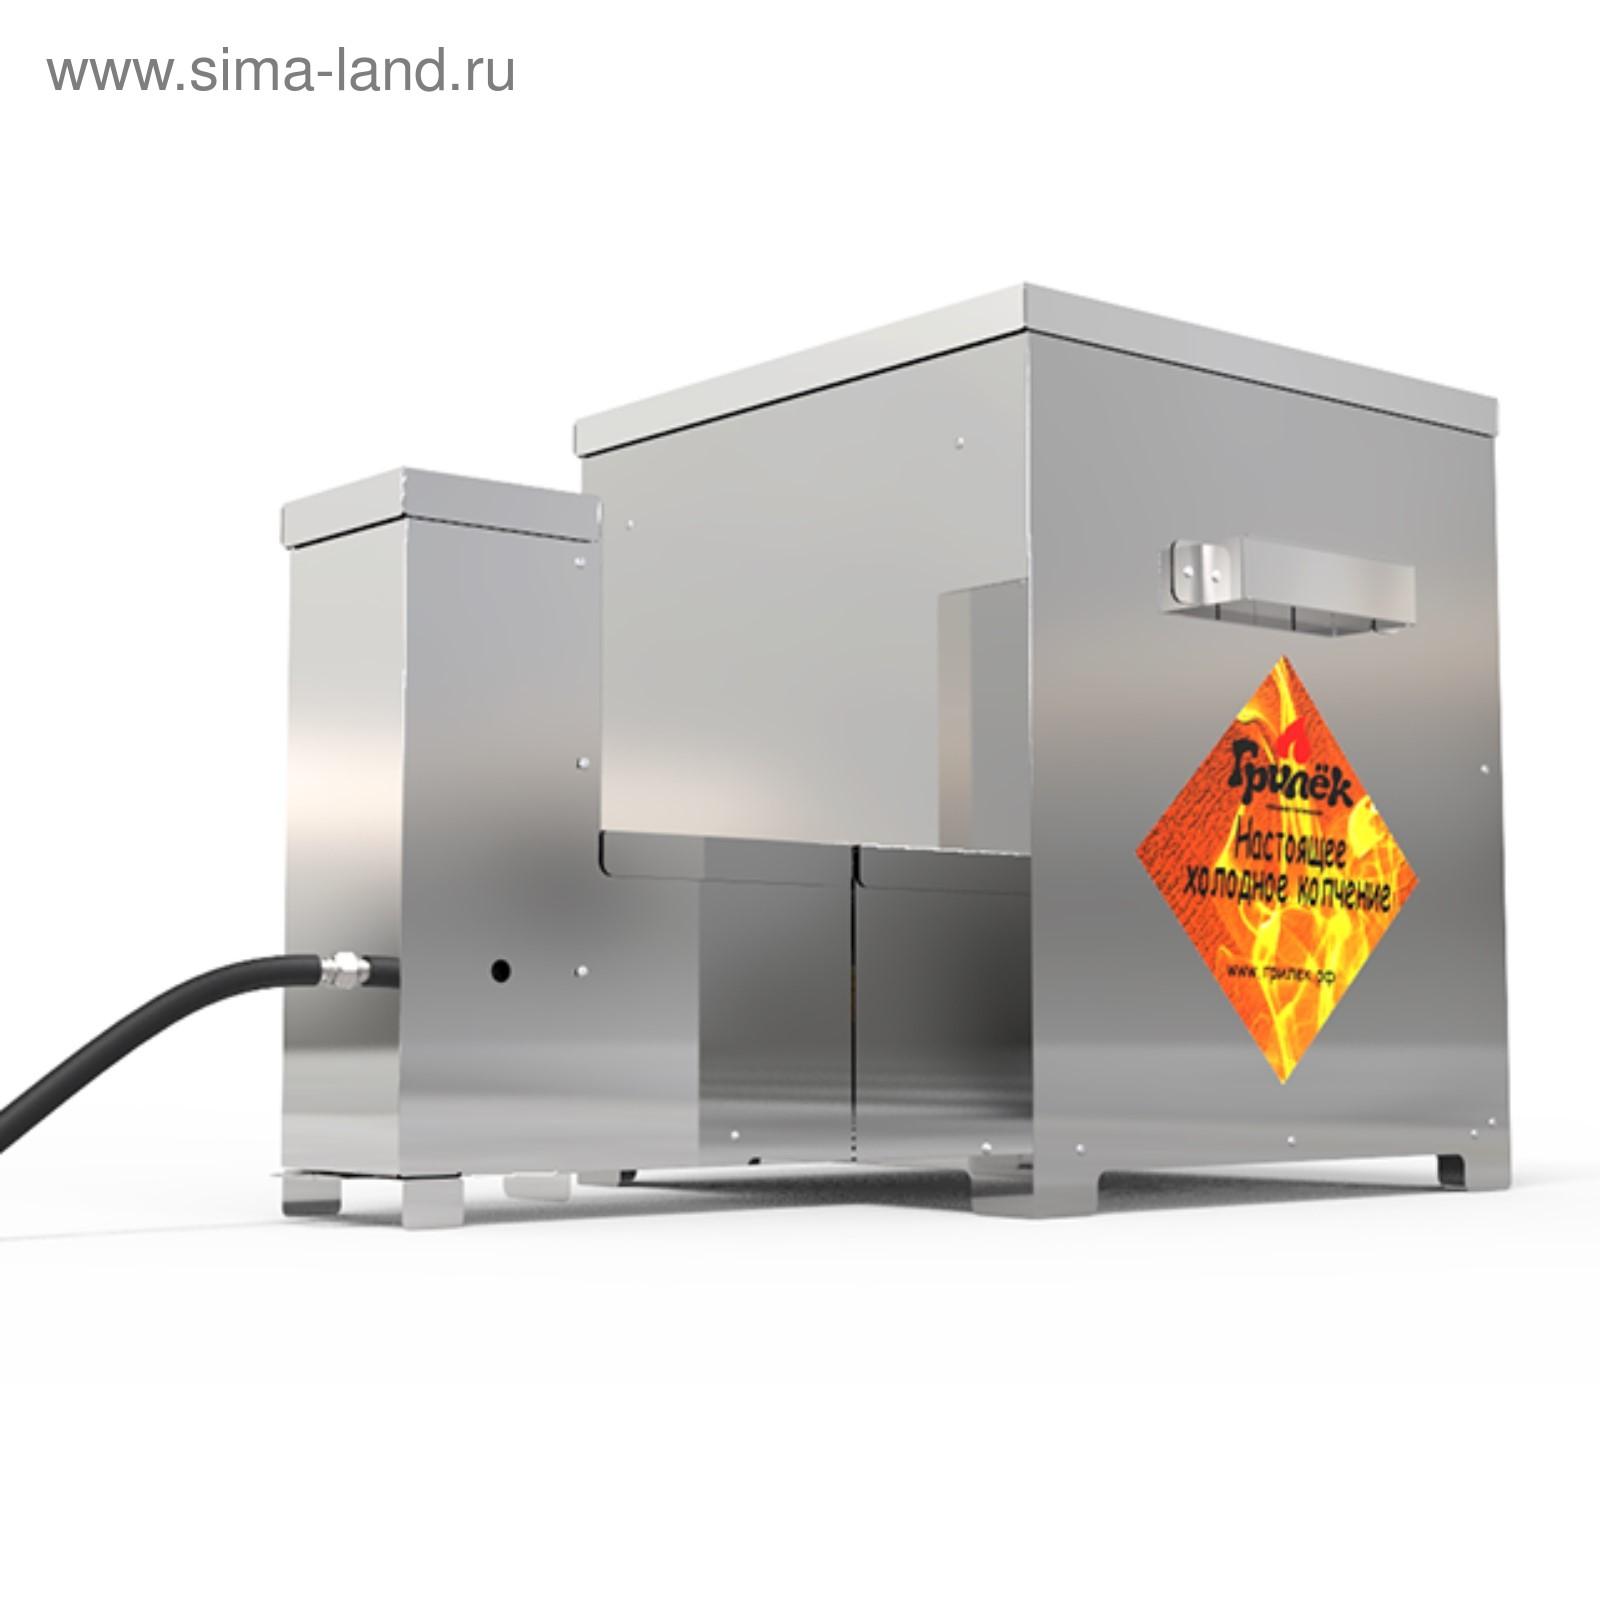 Коптильни холодного копчения купить в интернет магазине самогонный аппарат купить дешевый в украине